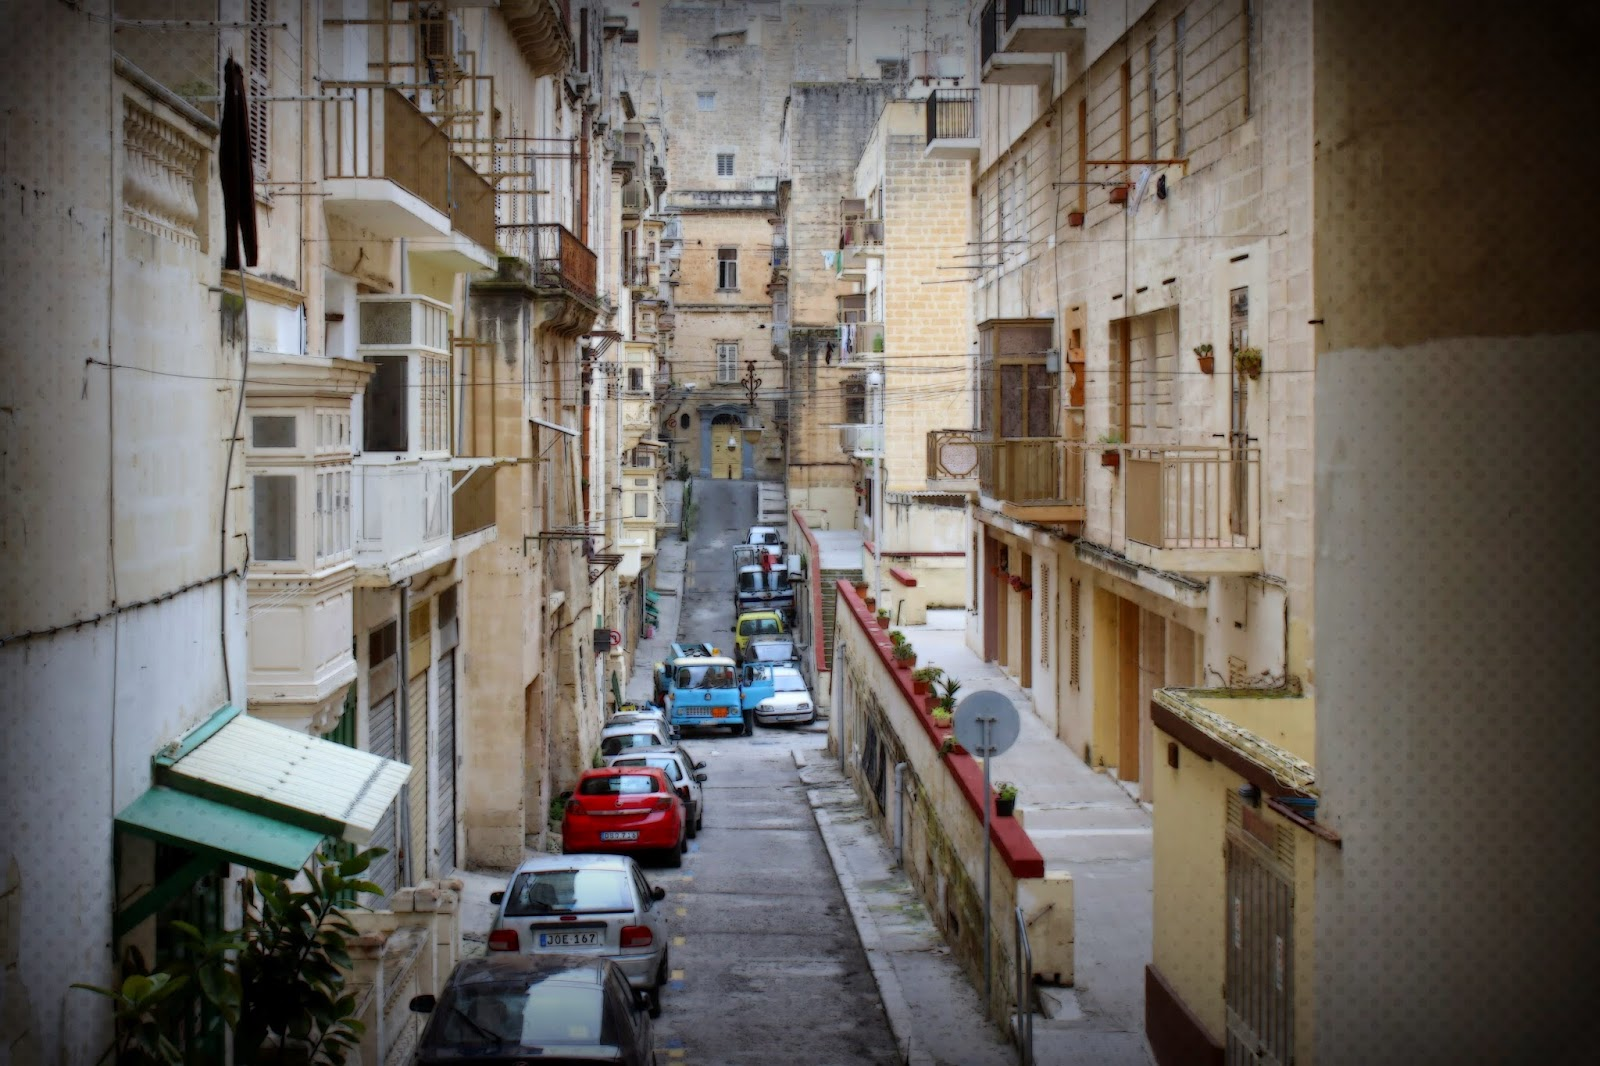 calle valletta malta